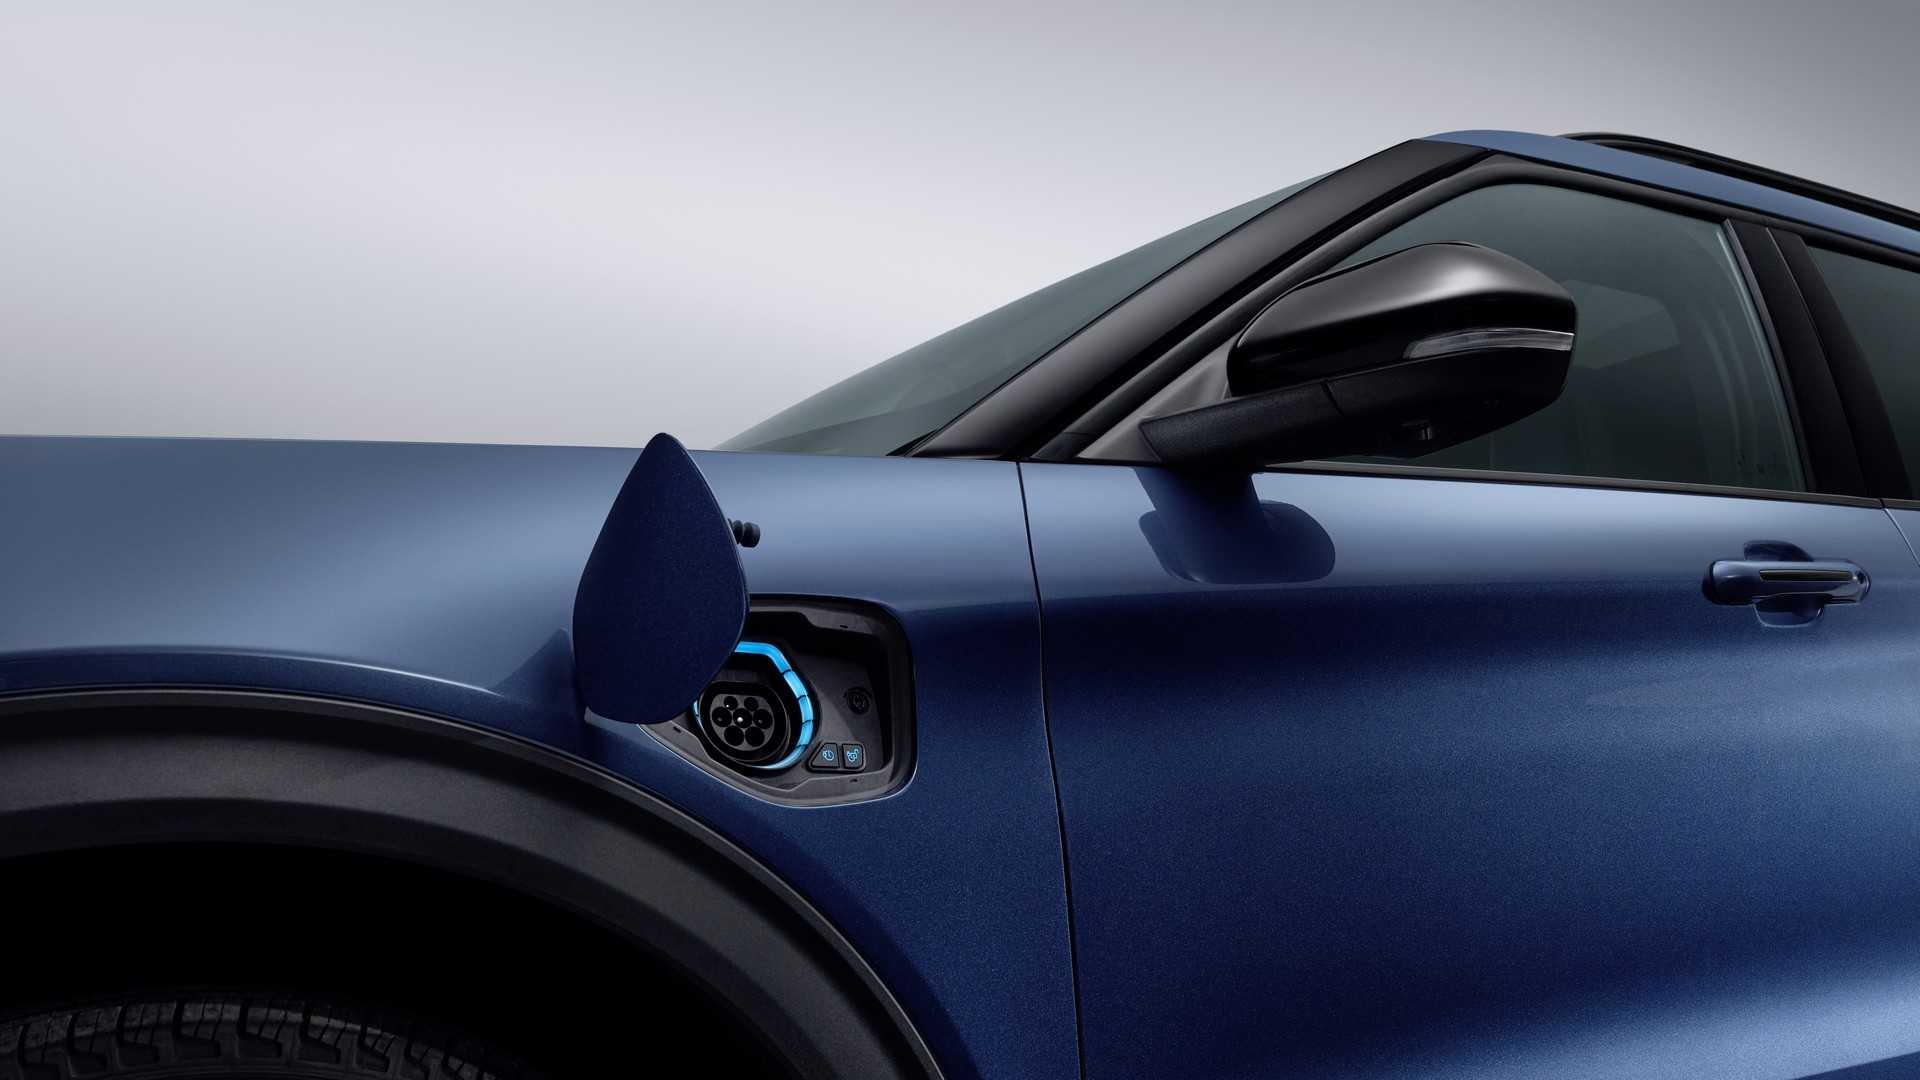 2019 Ford Explorer Plug-In Hybrid (Euro-Spec) Detail Wallpaper (6)